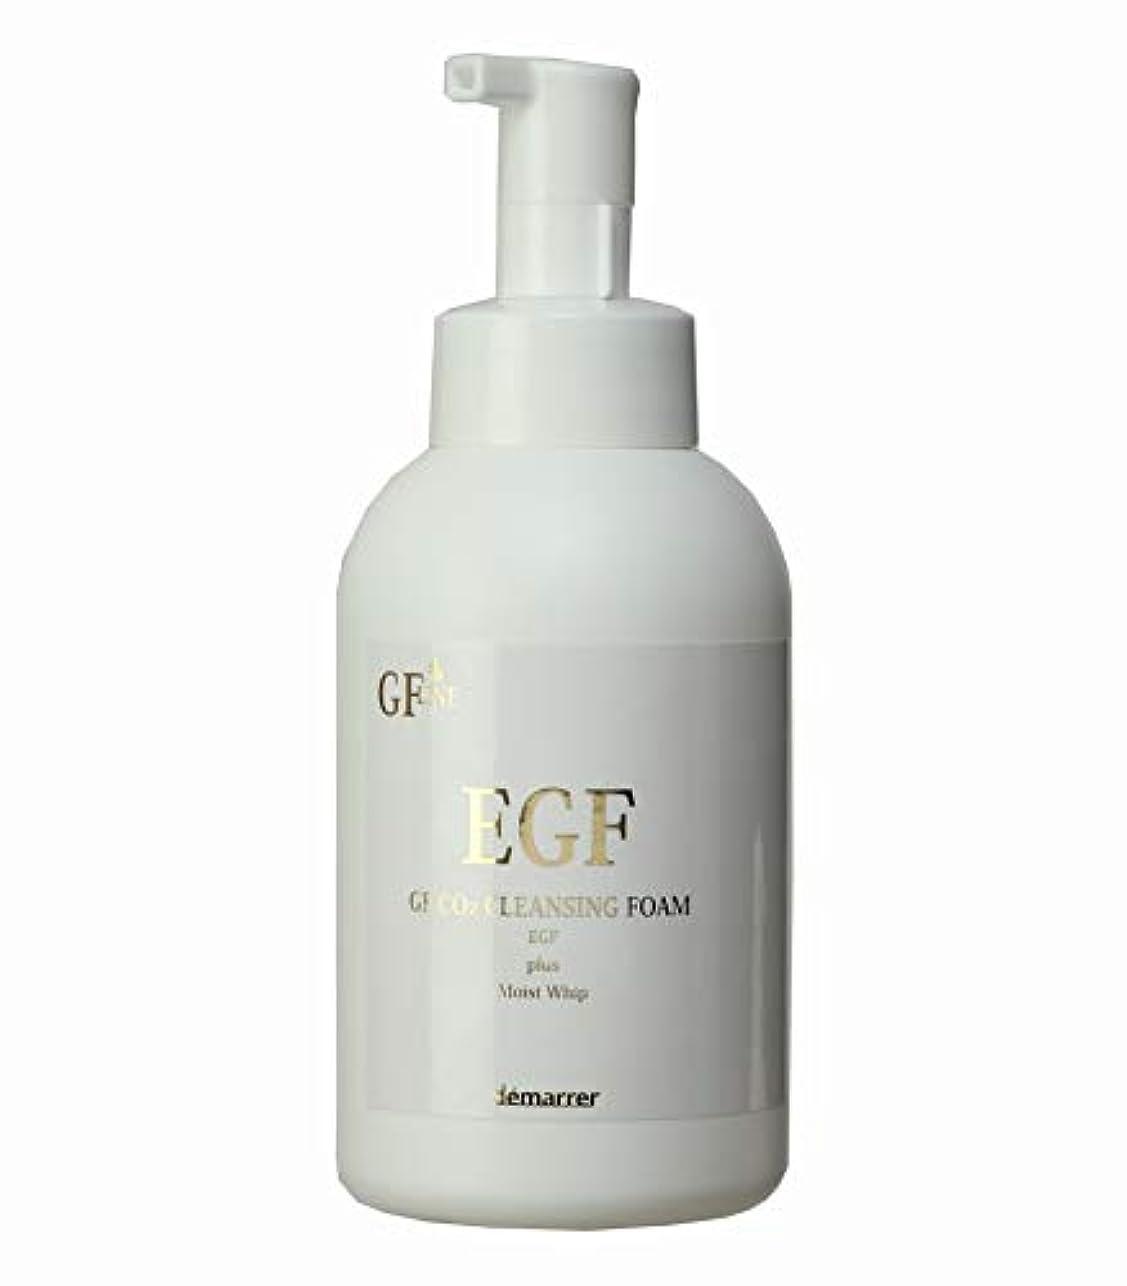 プレゼンテーション安らぎヘロインデマレ GF炭酸洗顔フォーム 500ml